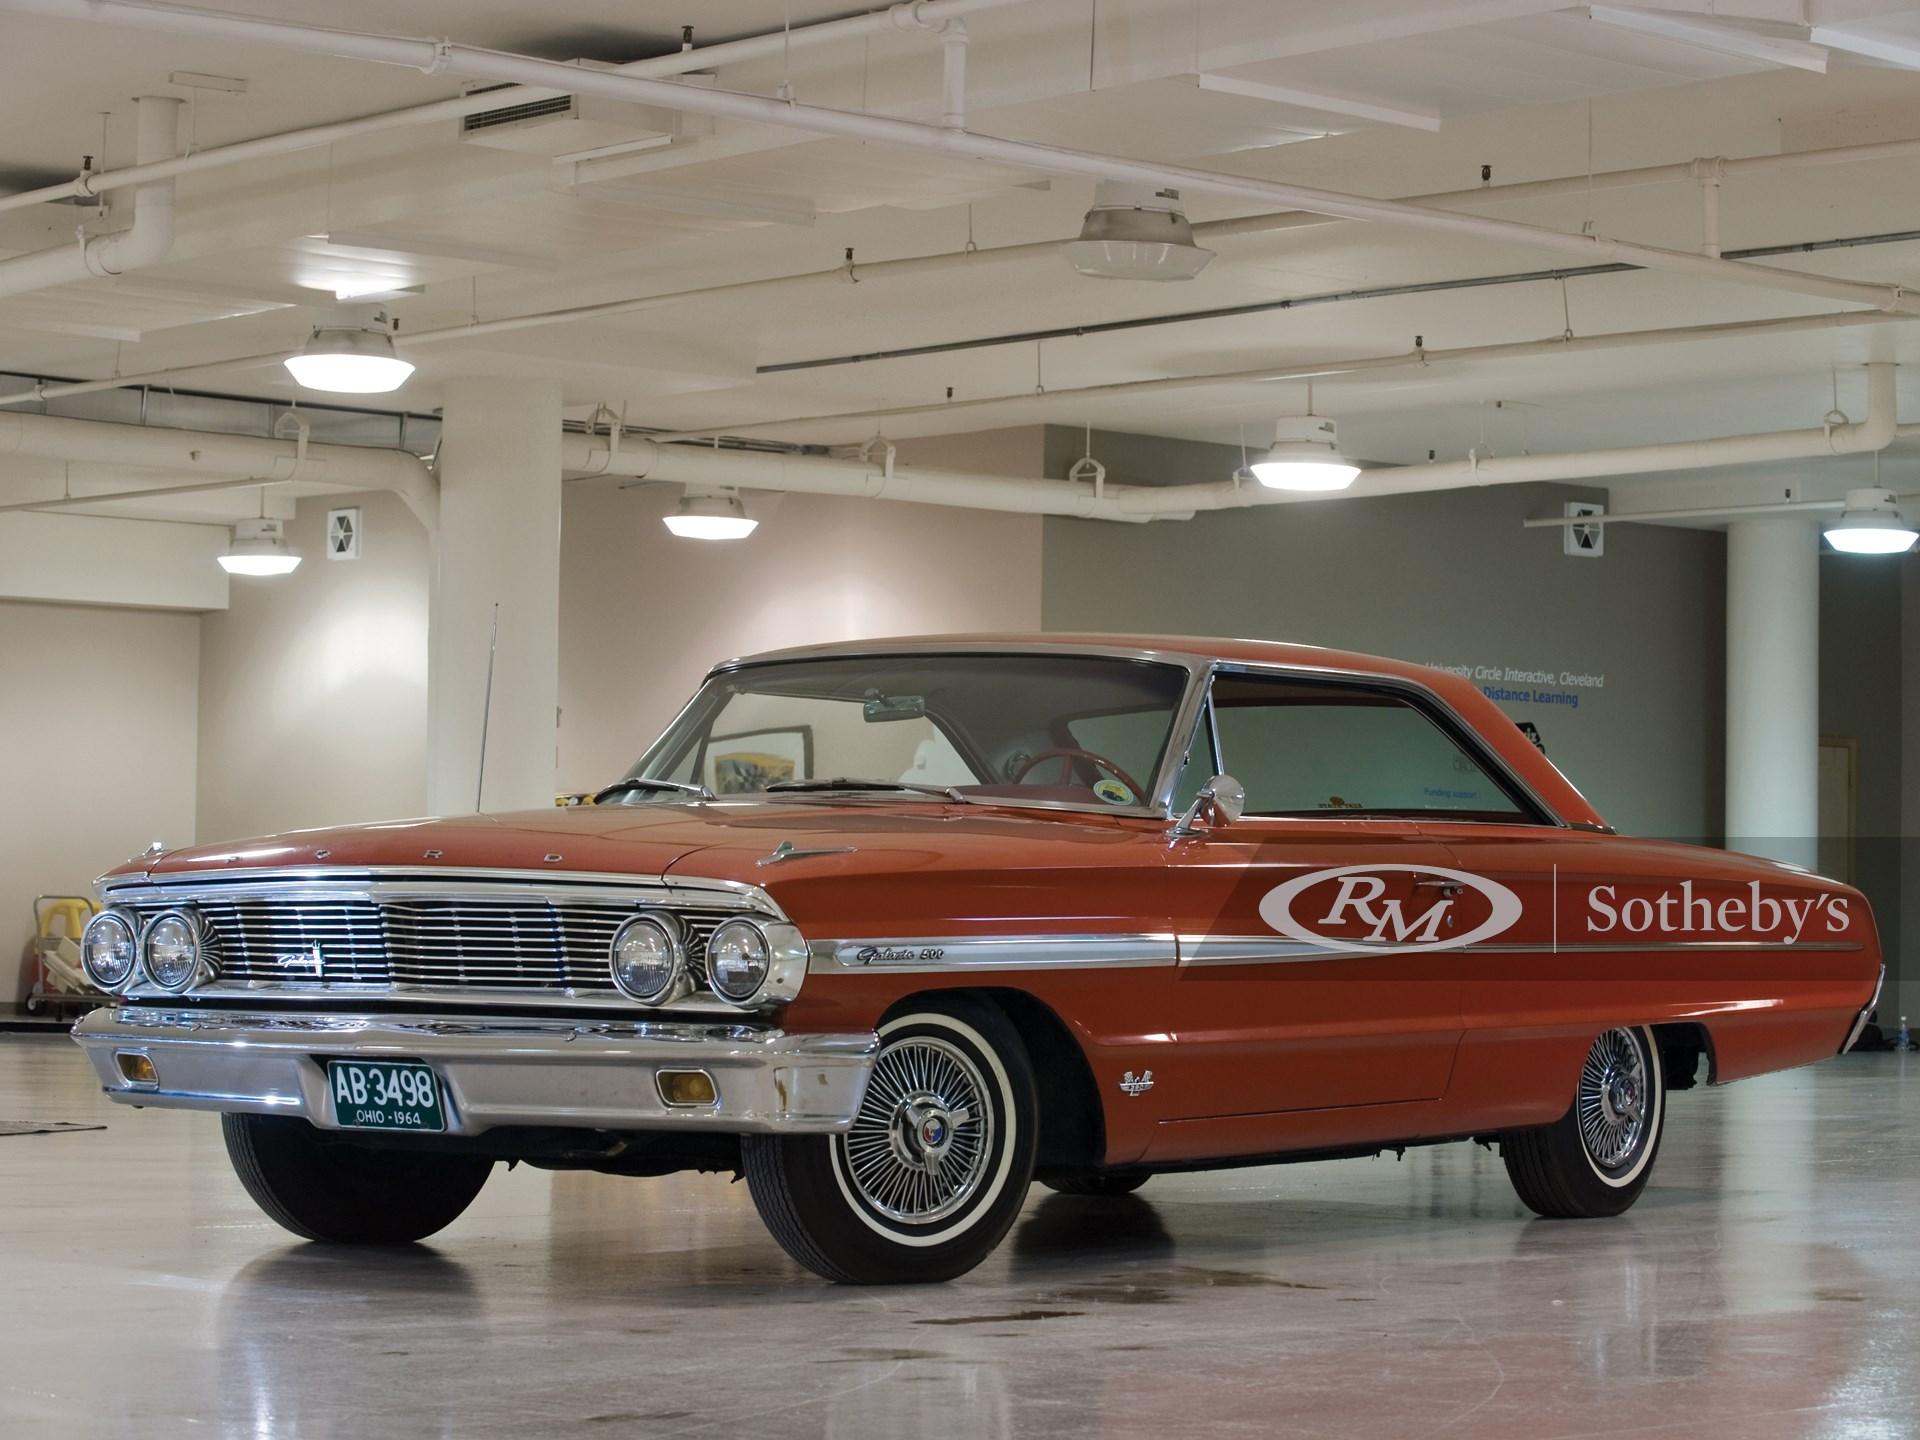 1964 Ford Galaxie 500 Two-Door Hardtop